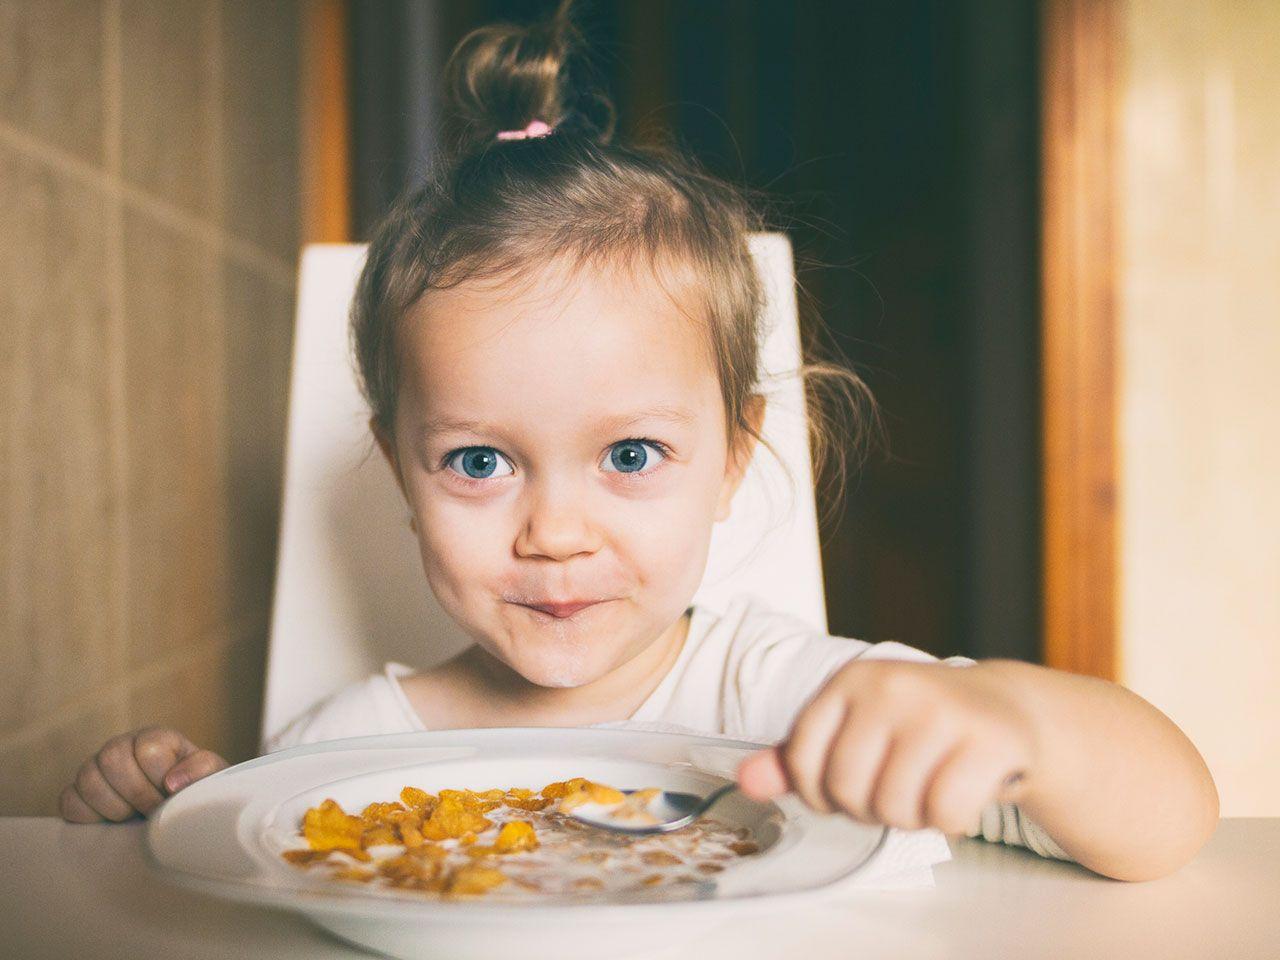 Những loại ngũ cốc phổ biến nhất trên thị trường hiện nay Bánh Healthy, EatClean, Bánh Dinh Dưỡng